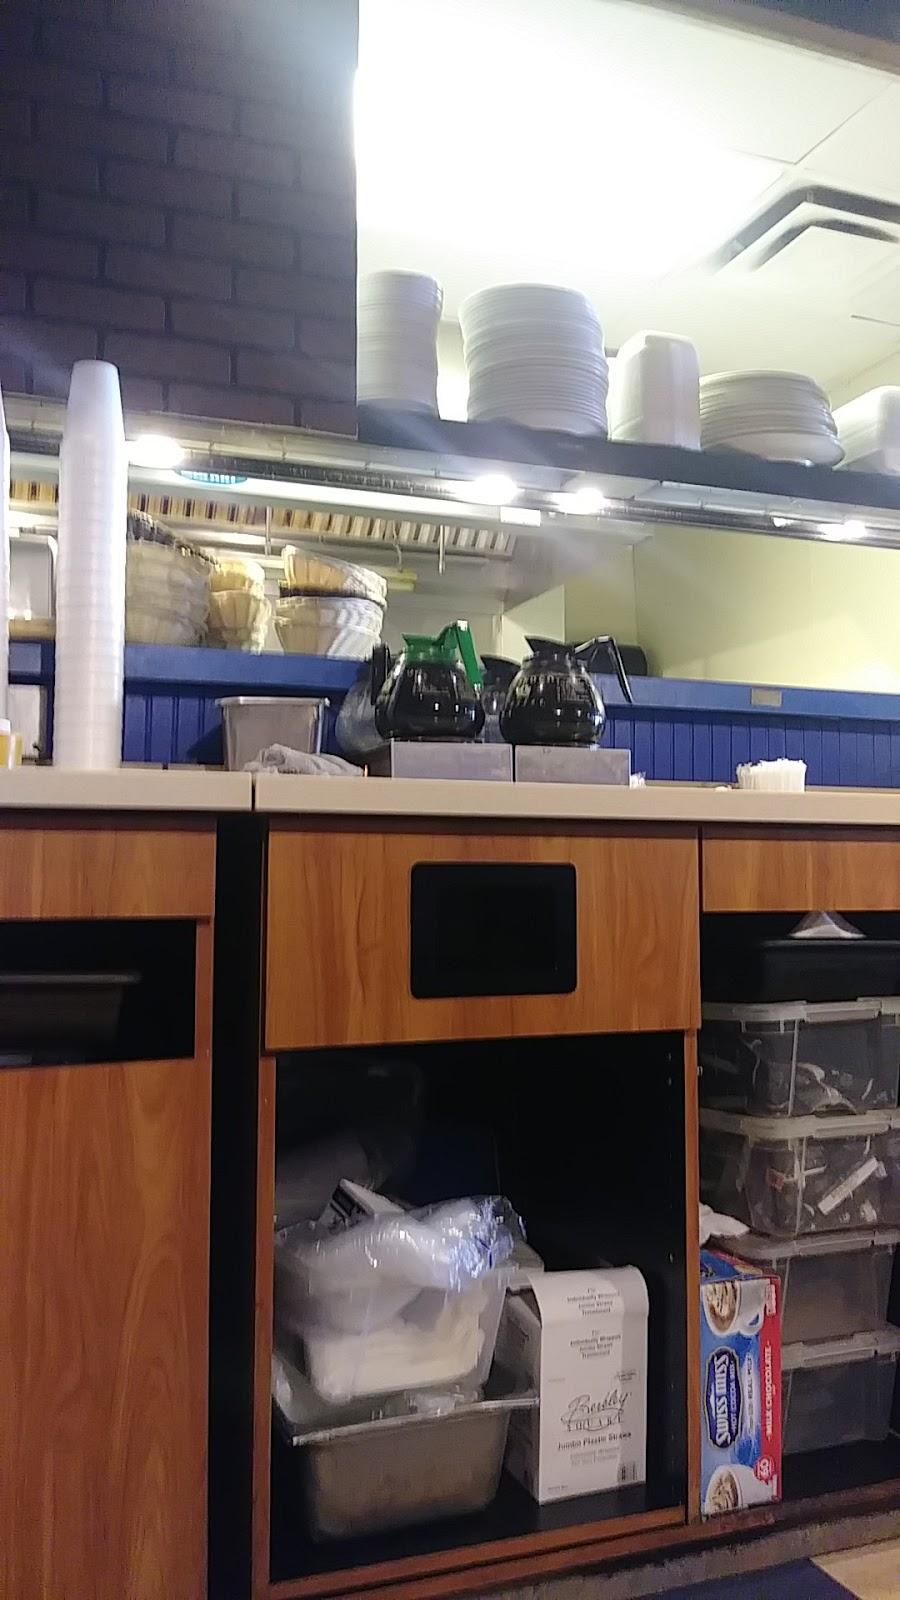 Boardwalk Cafe - cafe  | Photo 9 of 10 | Address: 600 E Lockwood Ave, St. Louis, MO 63119, USA | Phone: (314) 963-0013